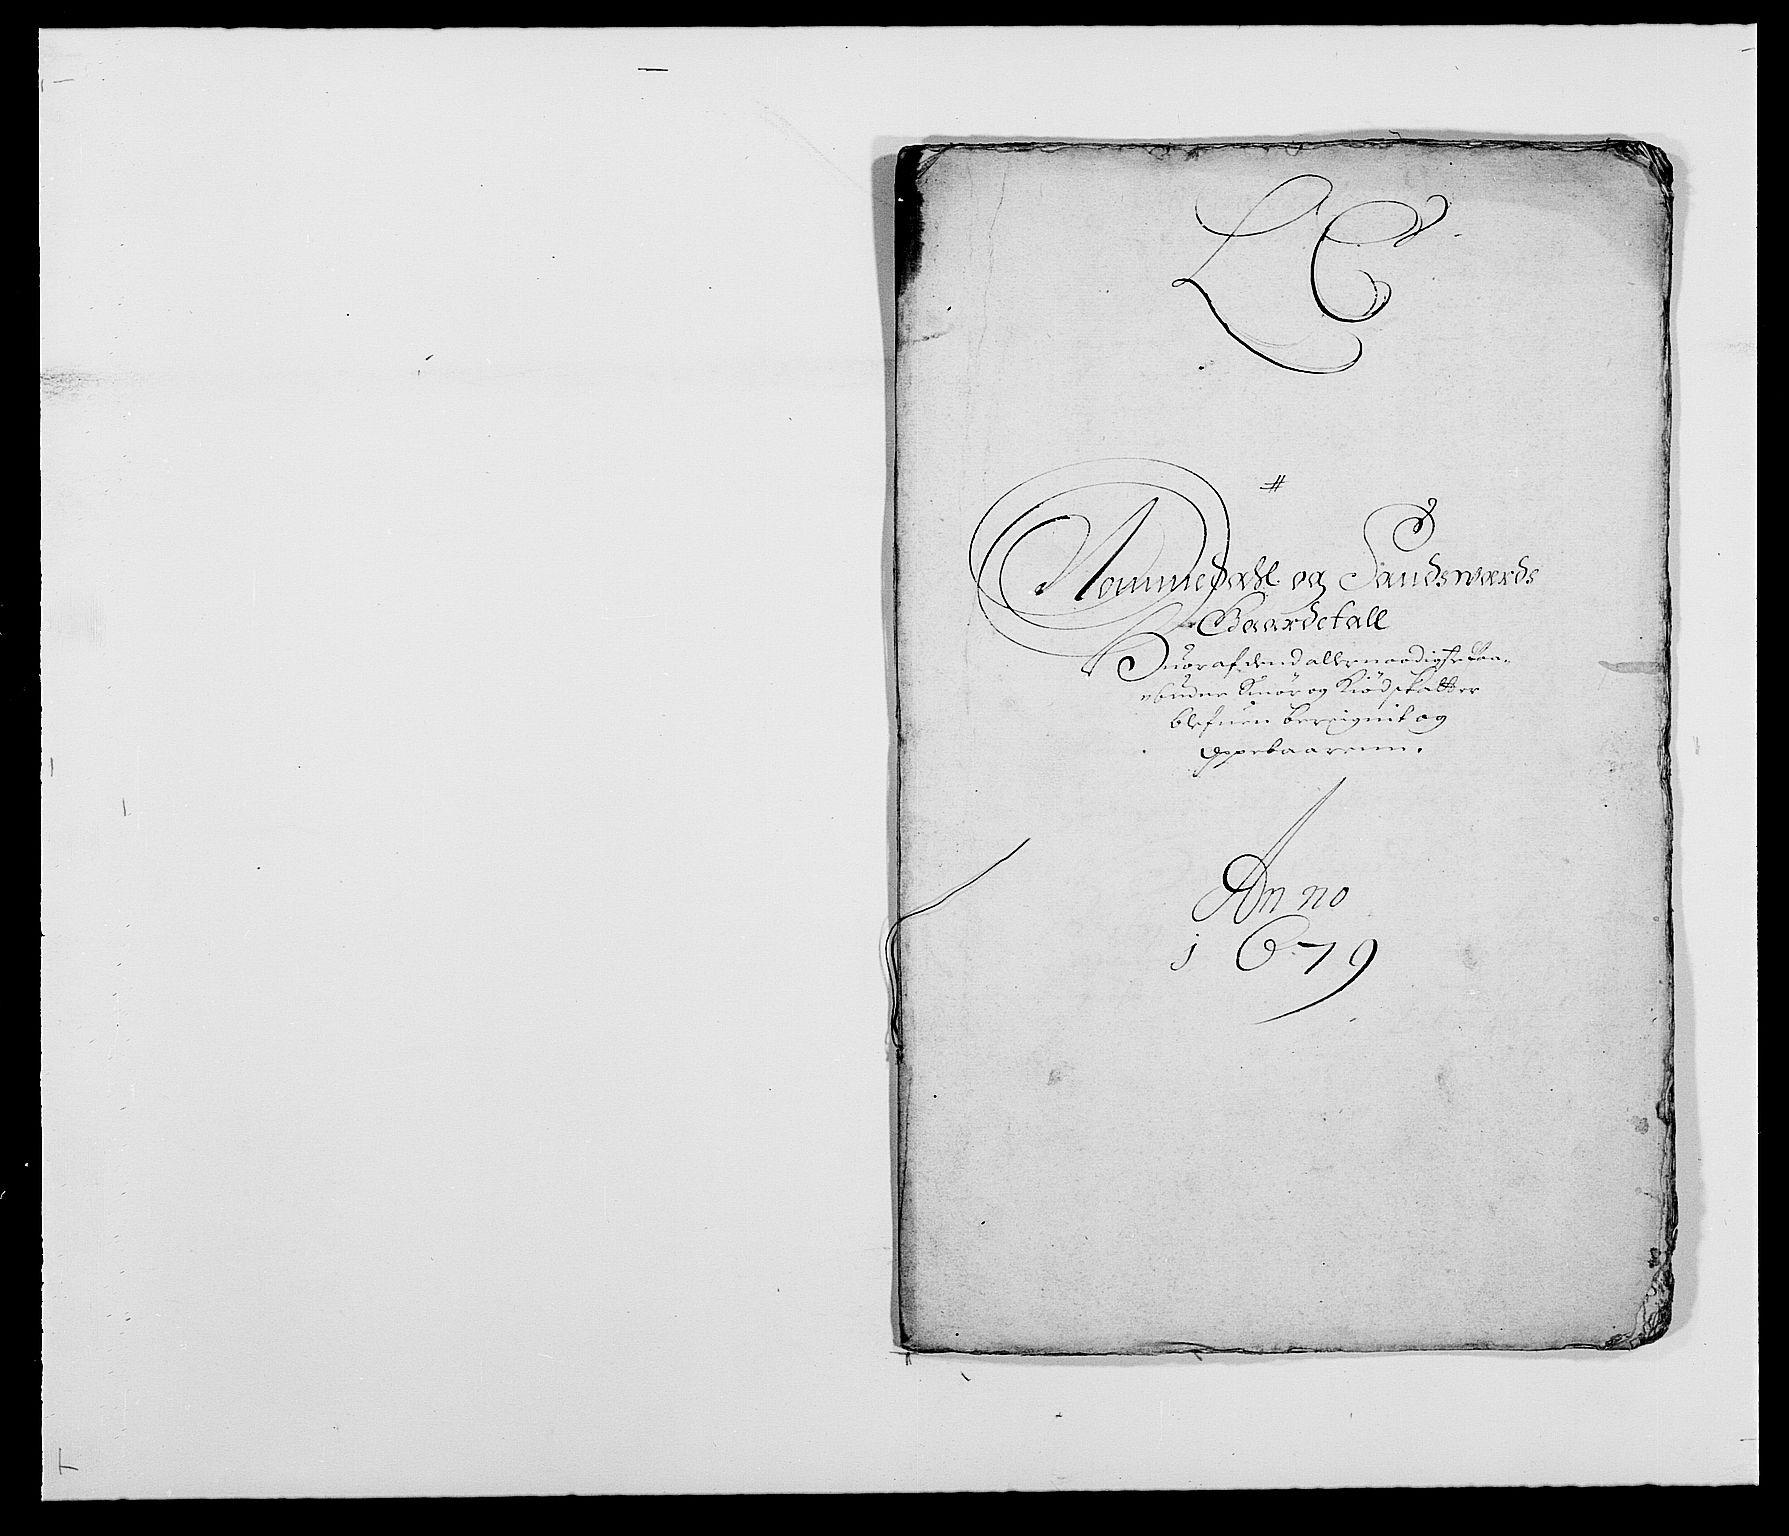 RA, Rentekammeret inntil 1814, Reviderte regnskaper, Fogderegnskap, R24/L1569: Fogderegnskap Numedal og Sandsvær, 1679-1686, s. 97